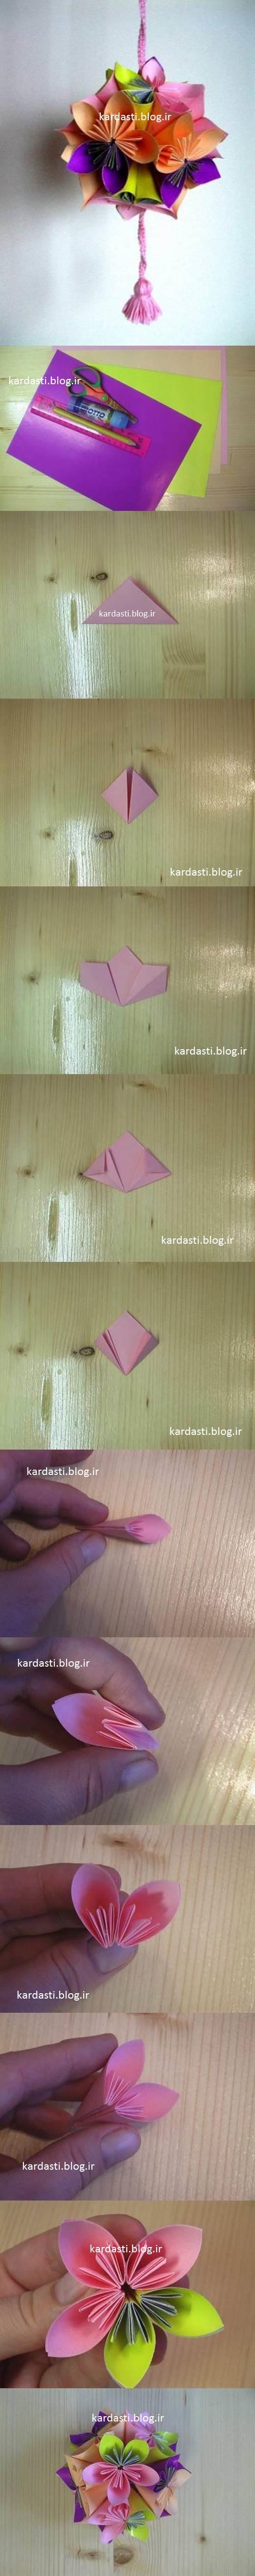 درست کردن گل گرد با کاغذ رنگی